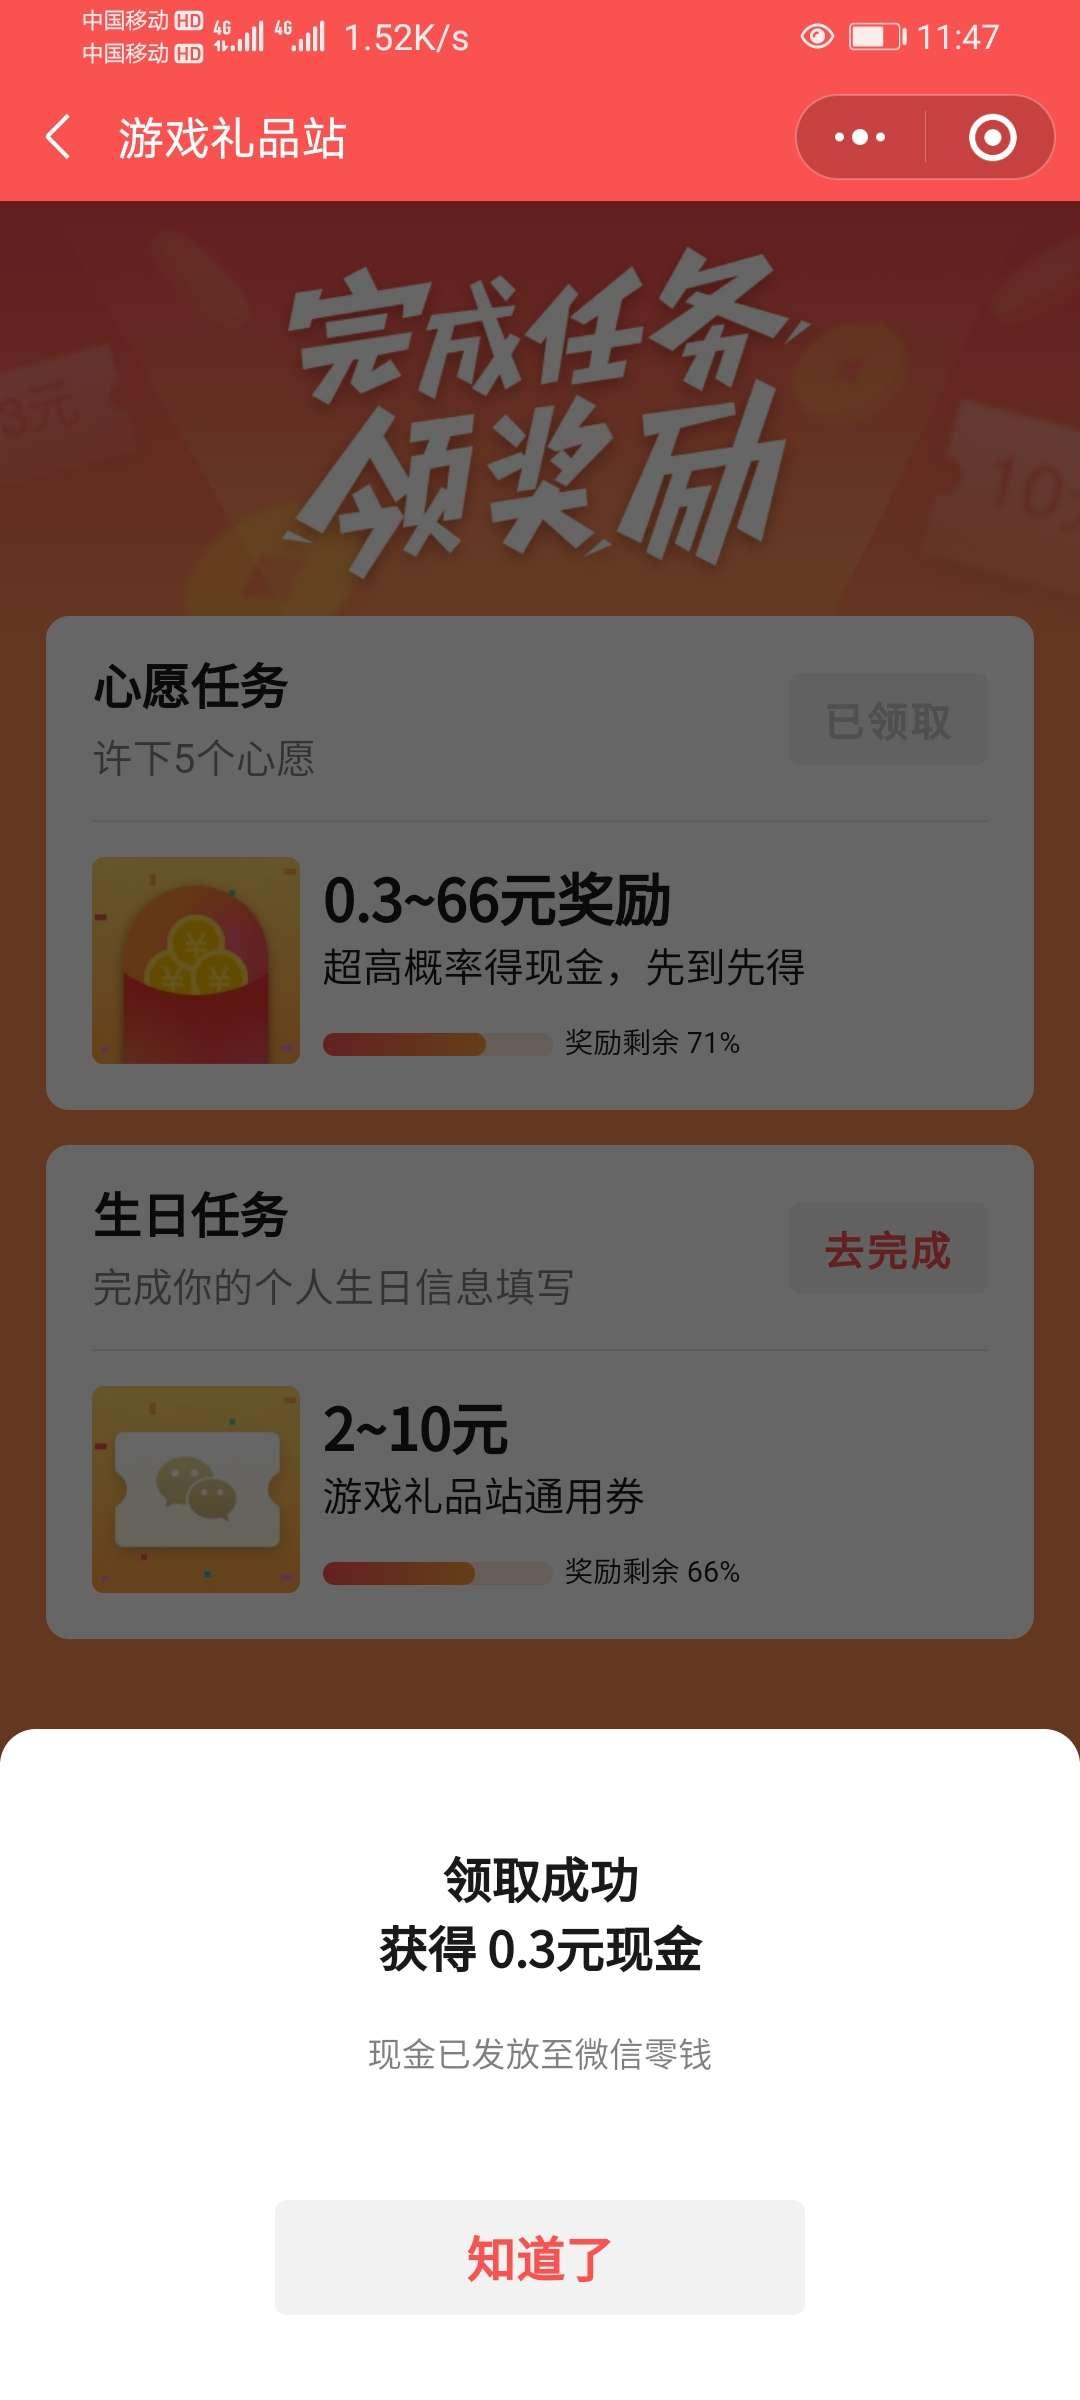 【红包】手机游戏礼物站提取大红包插图3